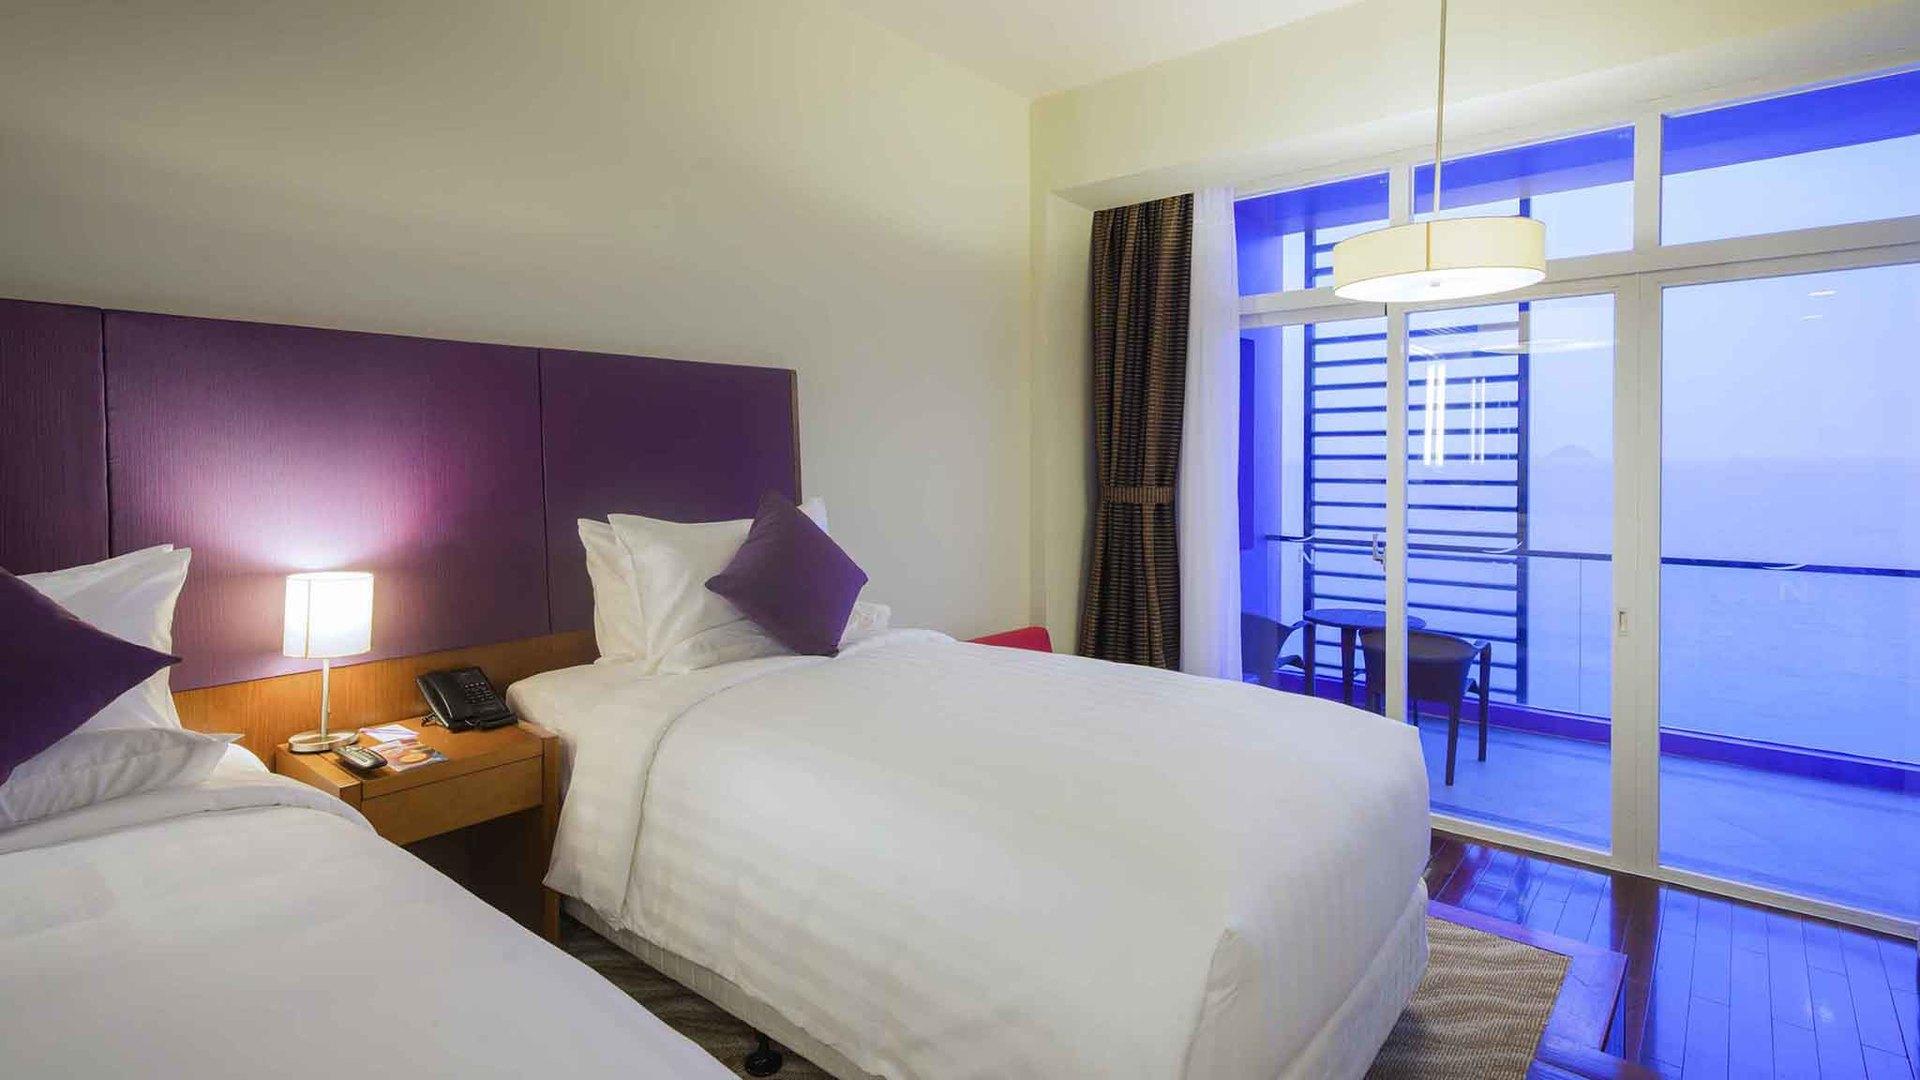 Номер отеля Hotel Novotel Nha Trang 4*